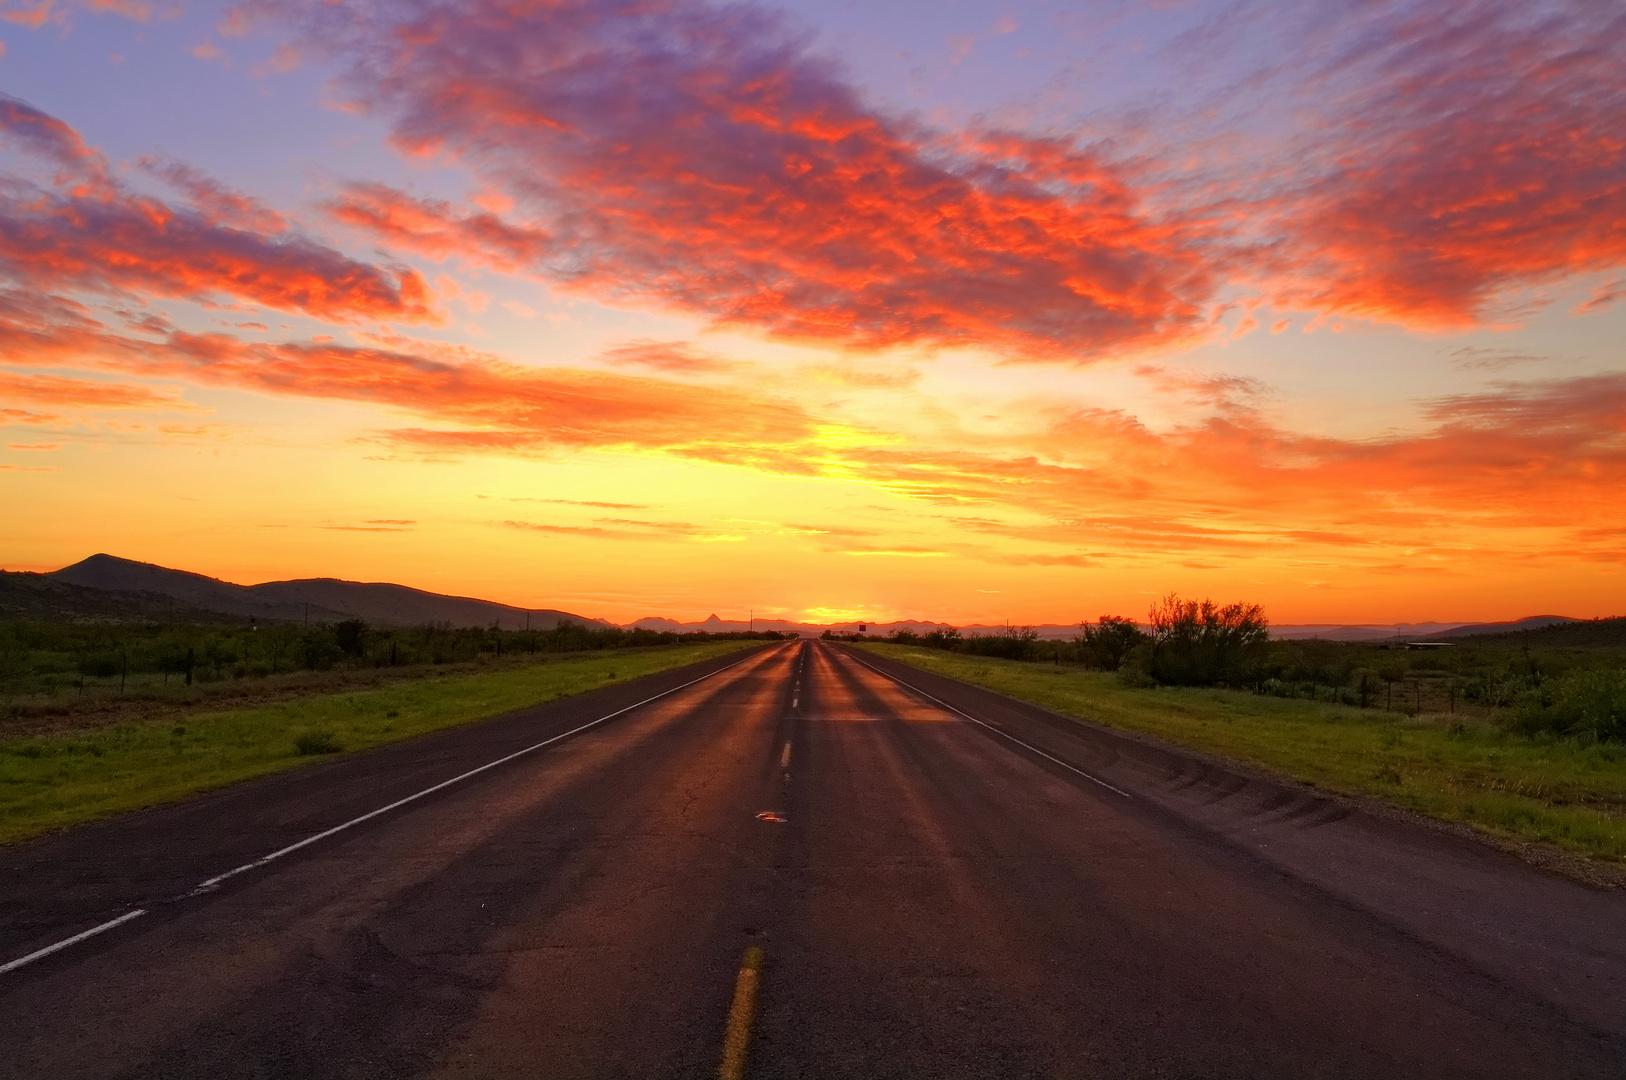 Sonnenuntergang auf dem Highway 90 kurz vor Alpine (Texas / USA)